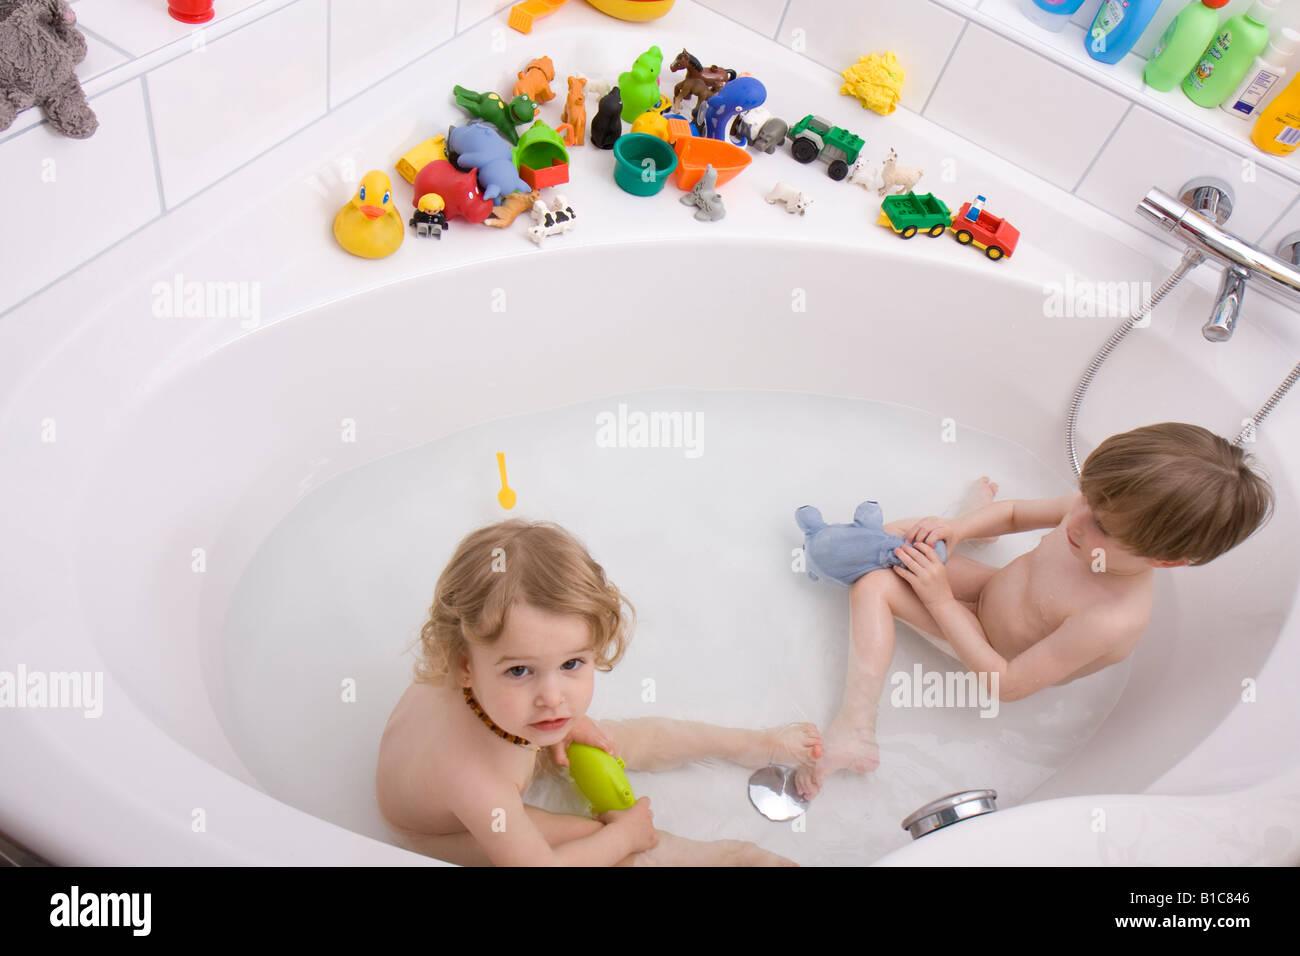 Vasca Da Bagno Bambini : I bambini a giocare nella vasca da bagno foto & immagine stock